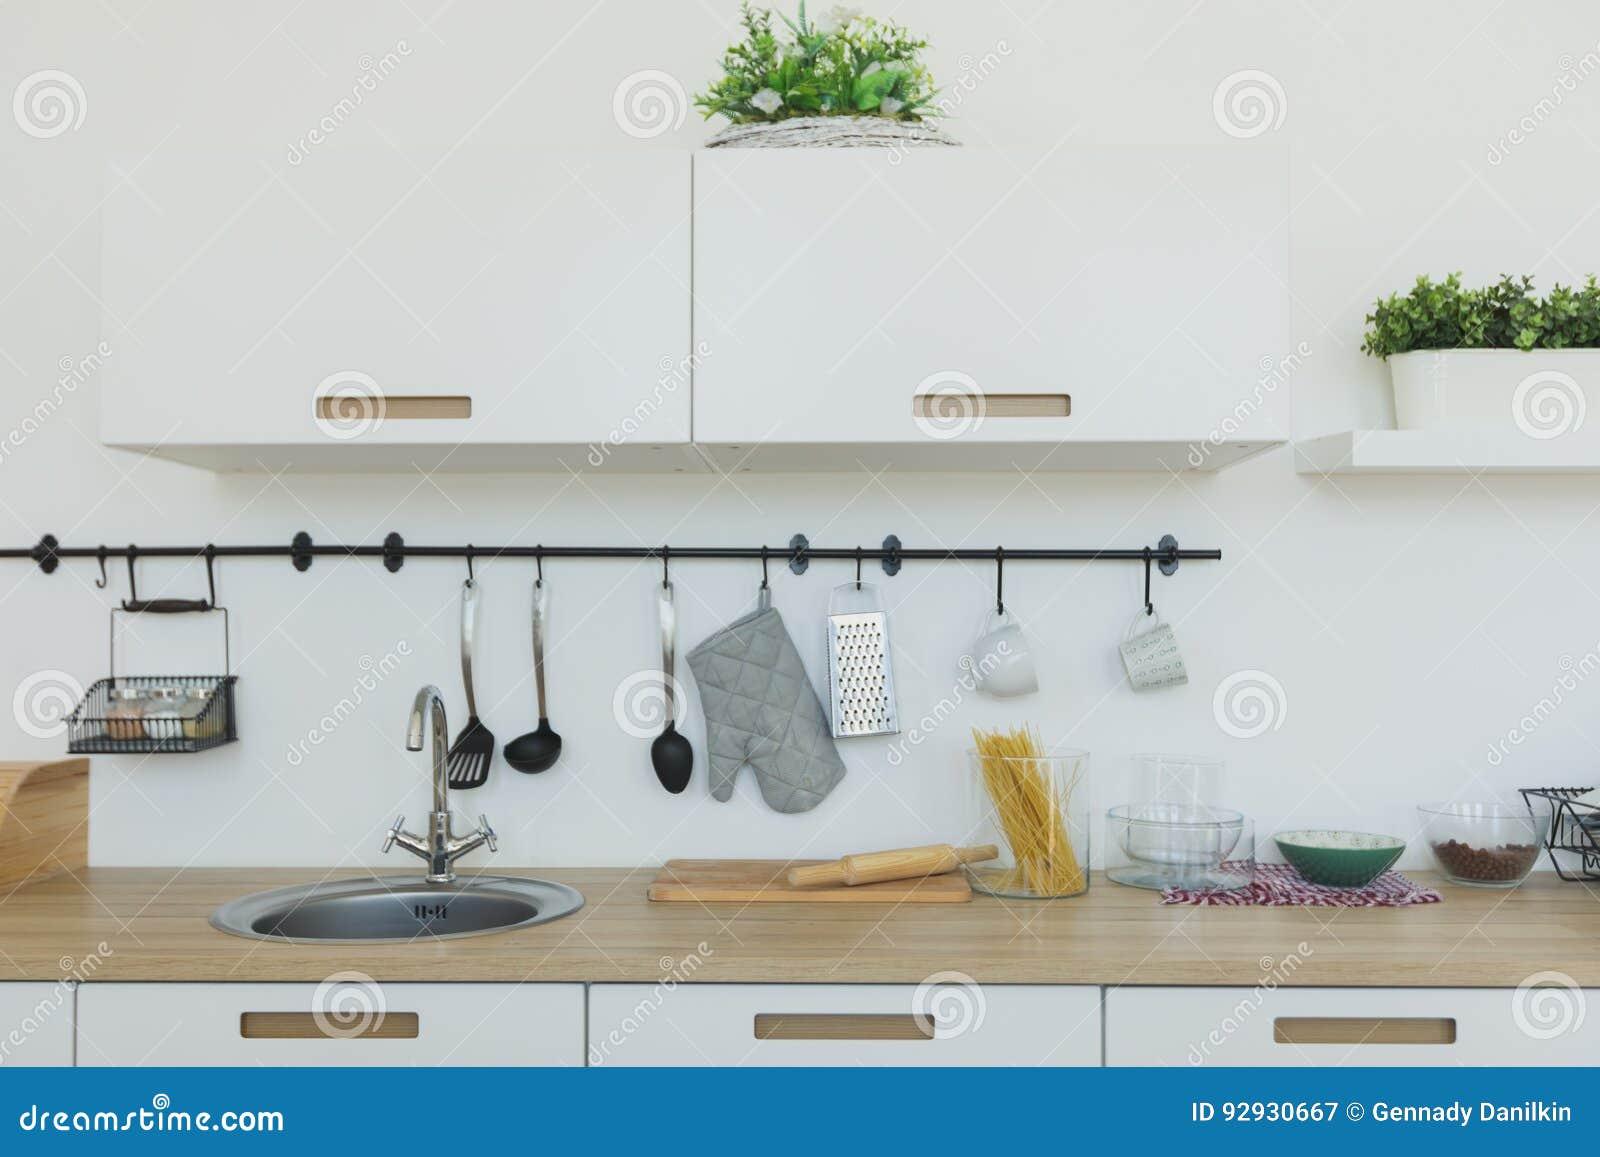 Ausgezeichnet Billige Küchenschränke Paterson Nj Bilder - Ideen Für ...